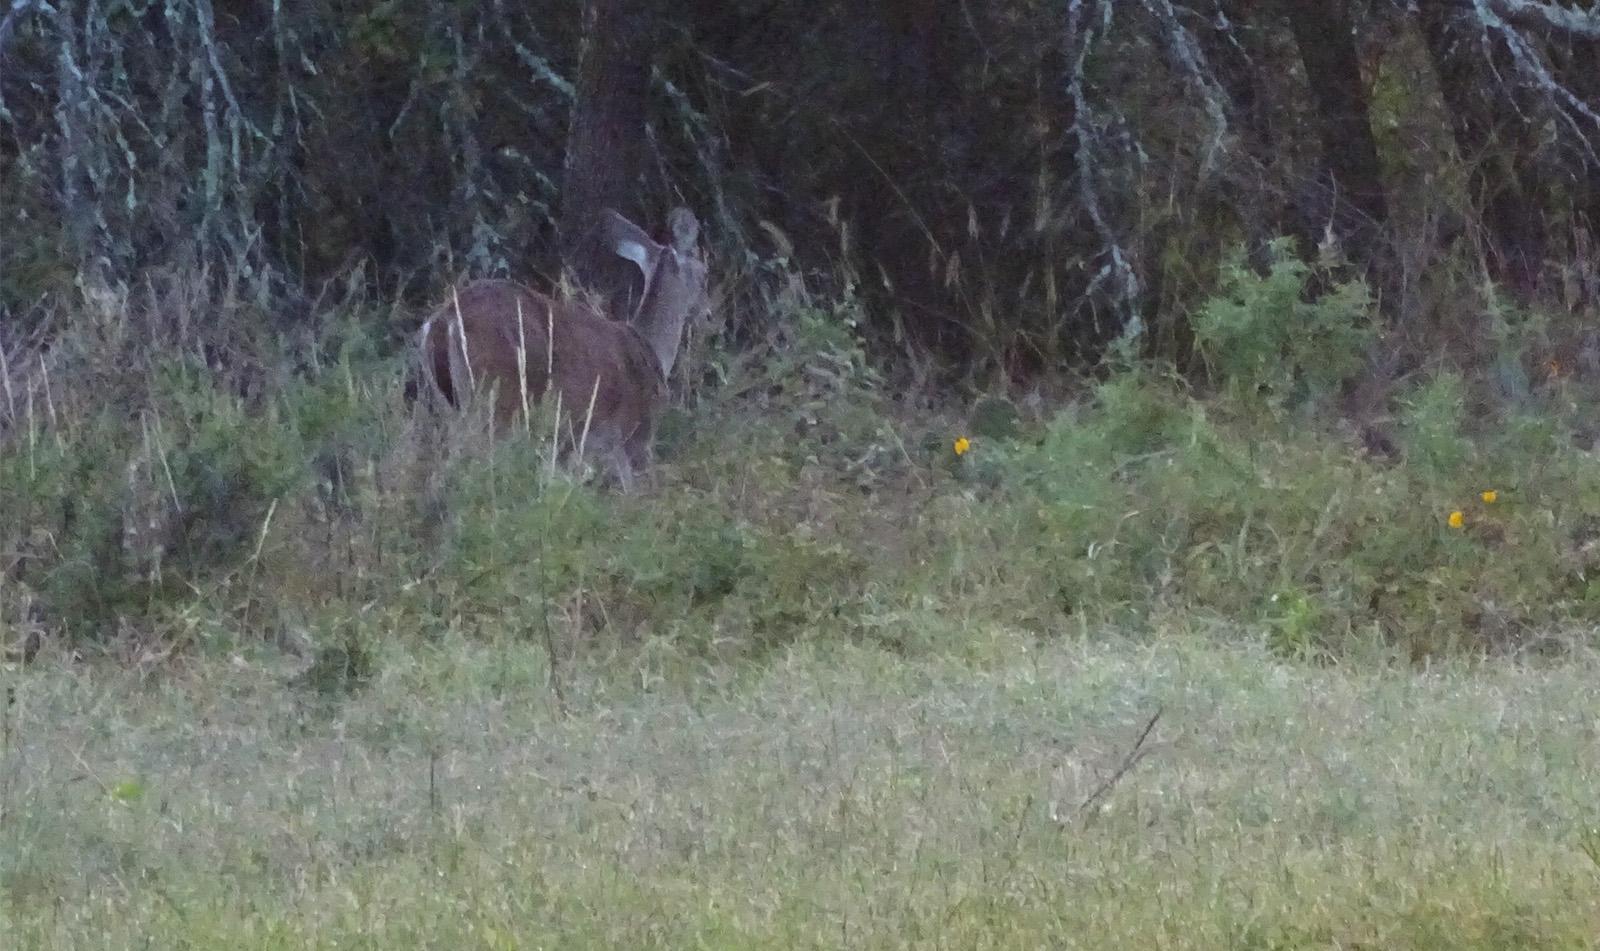 deer pictures by robert hoague